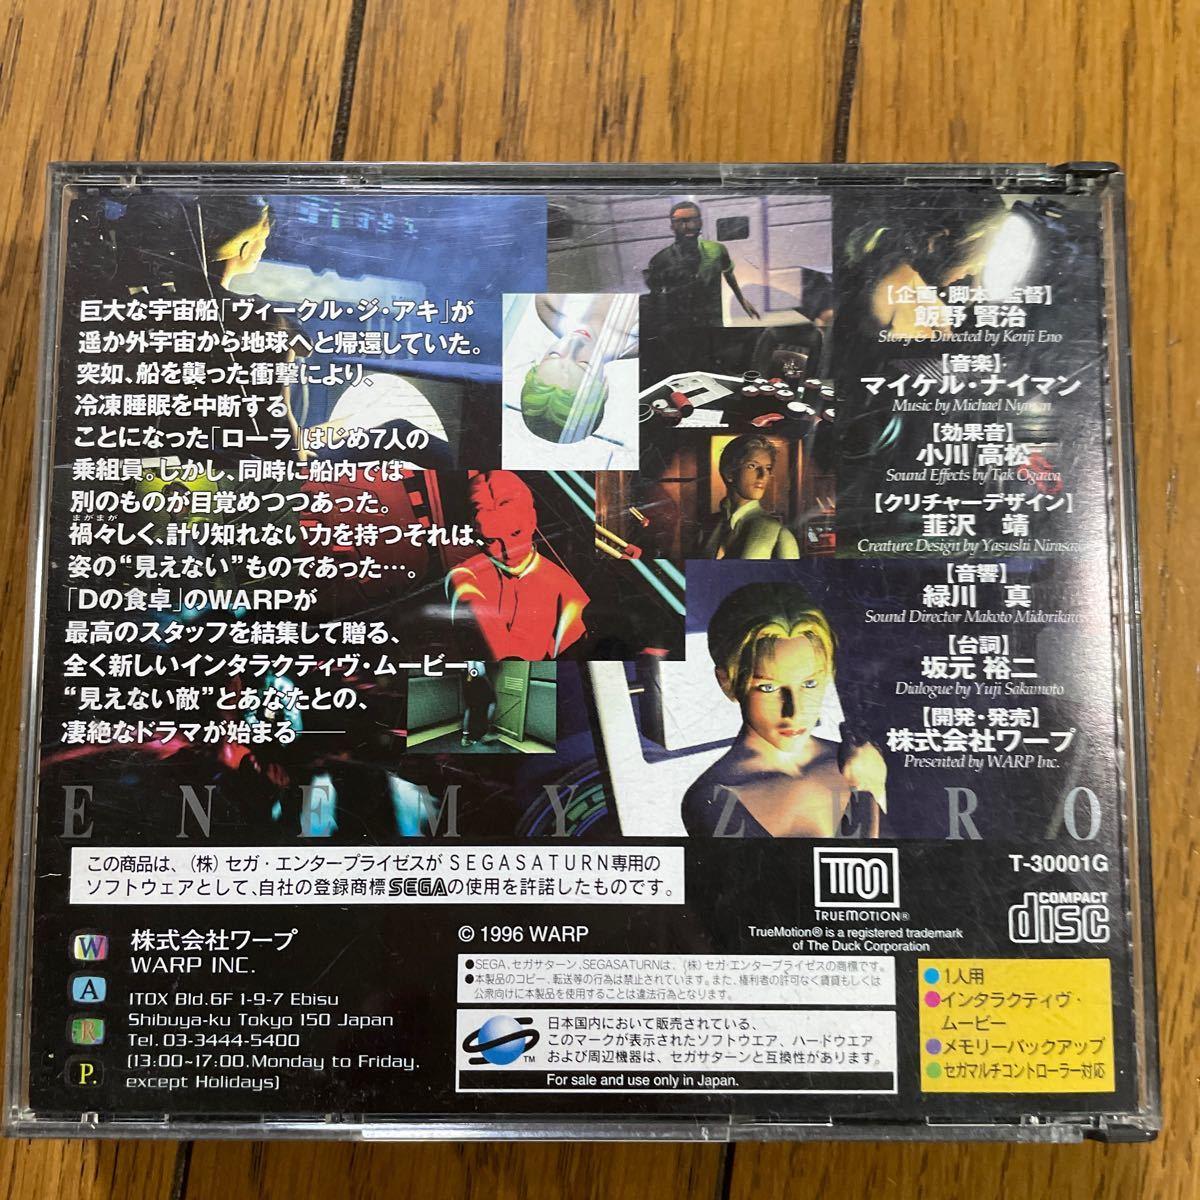 セガサターン用ソフト エネミー・ゼロ 4枚組